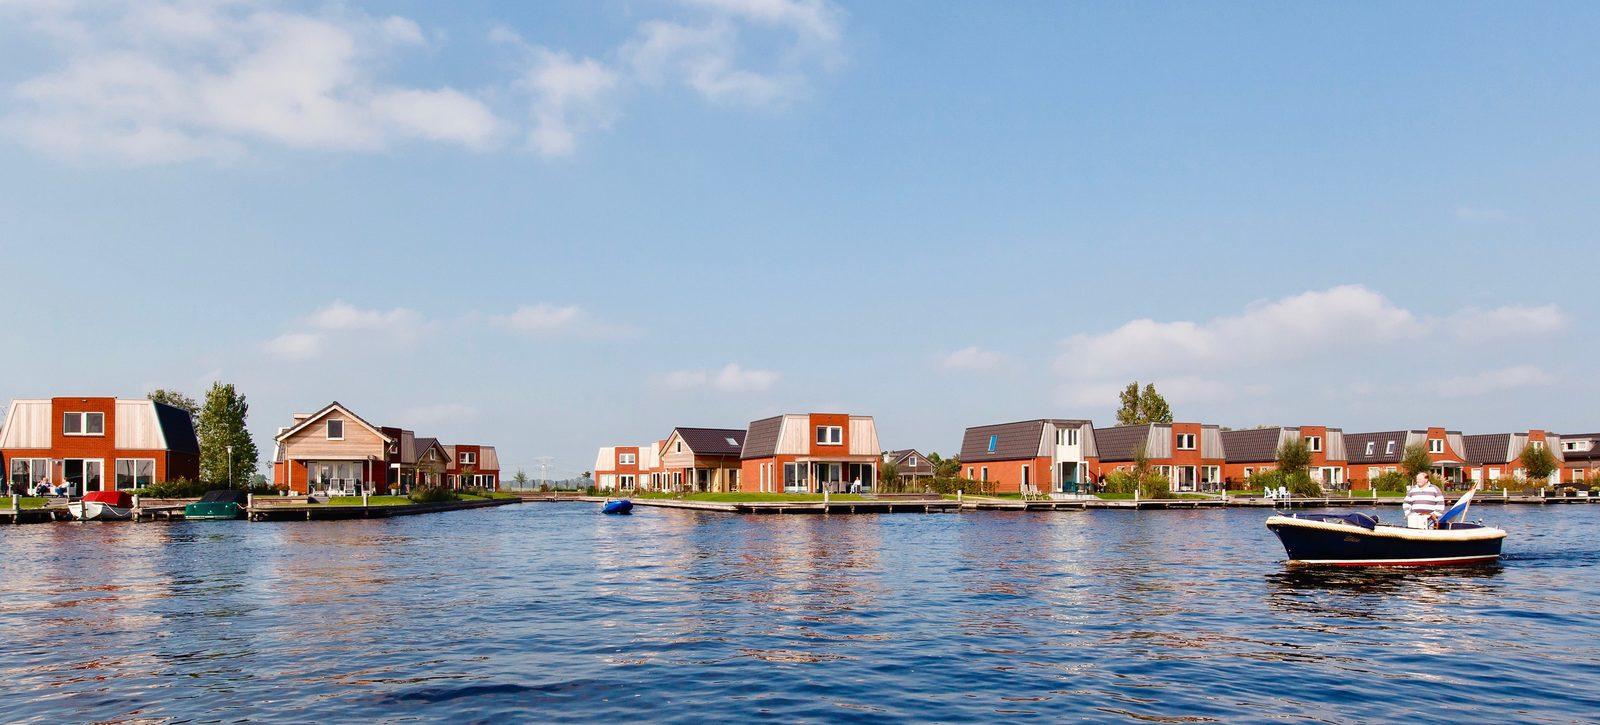 Tusken de Marren - Vakantiepark in Friesland